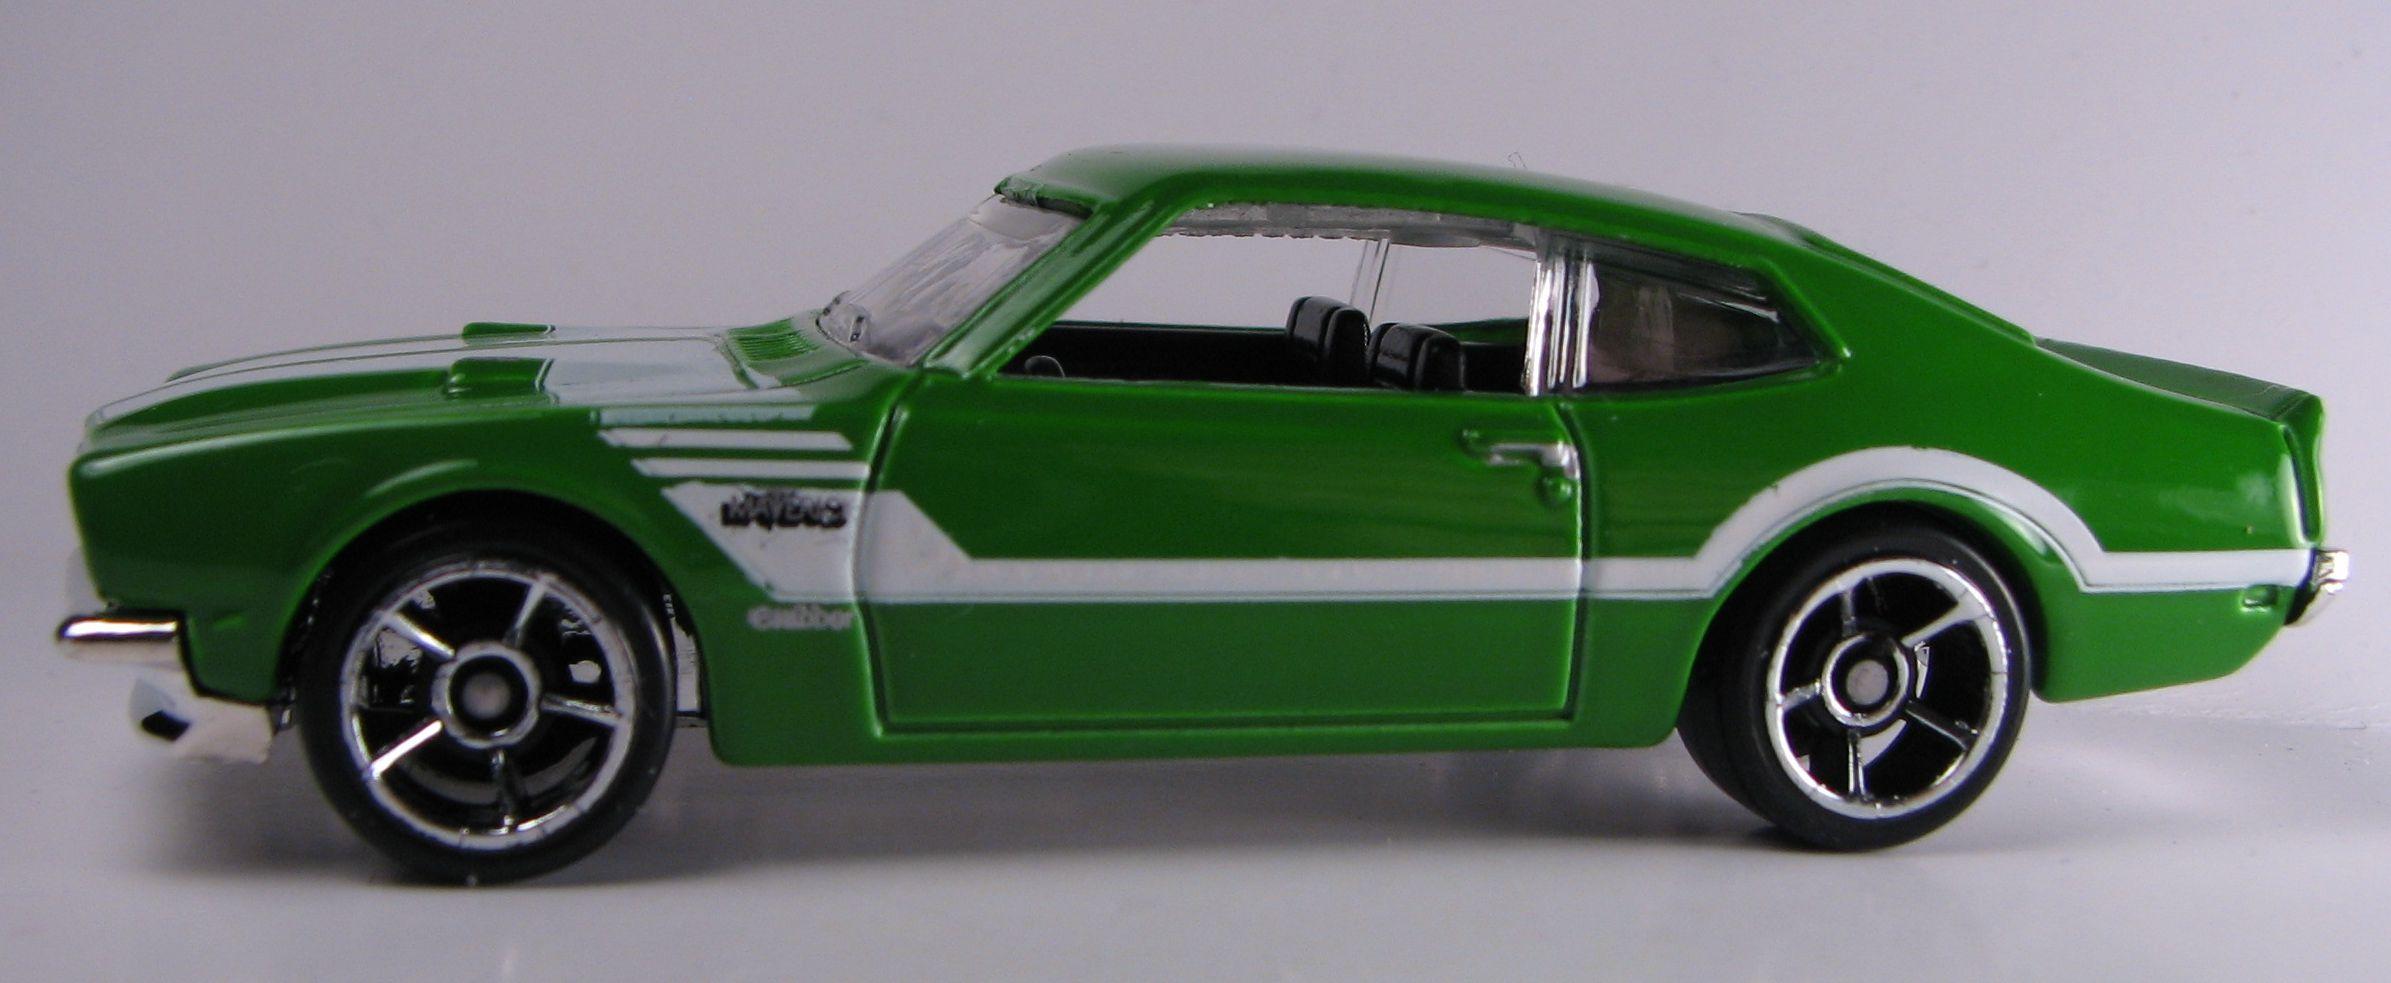 71 Ford Maverick Grabber